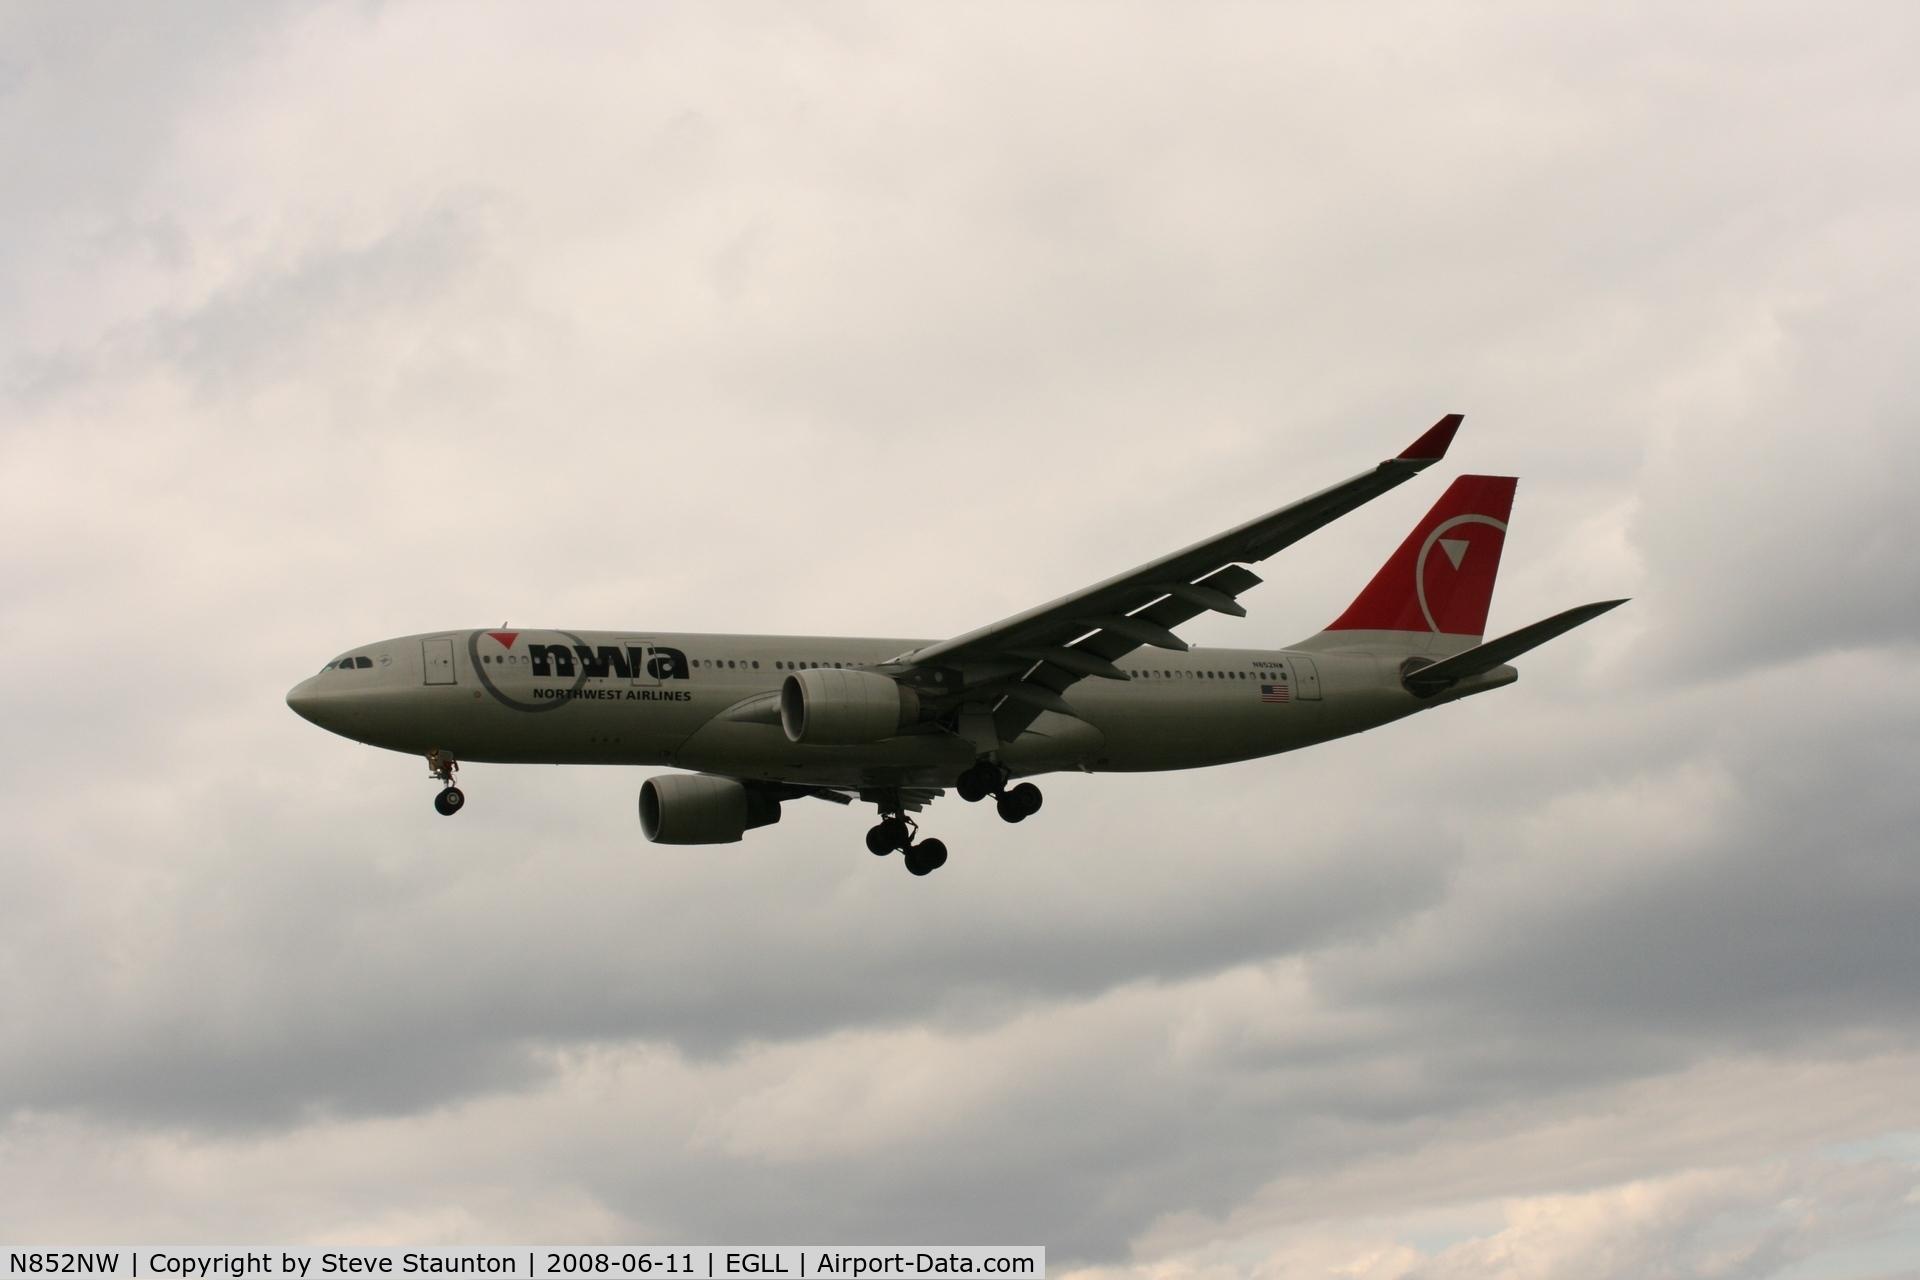 N852NW, 2004 Airbus A330-223 C/N 0614, Taken at London Heathrow 11th June 2008